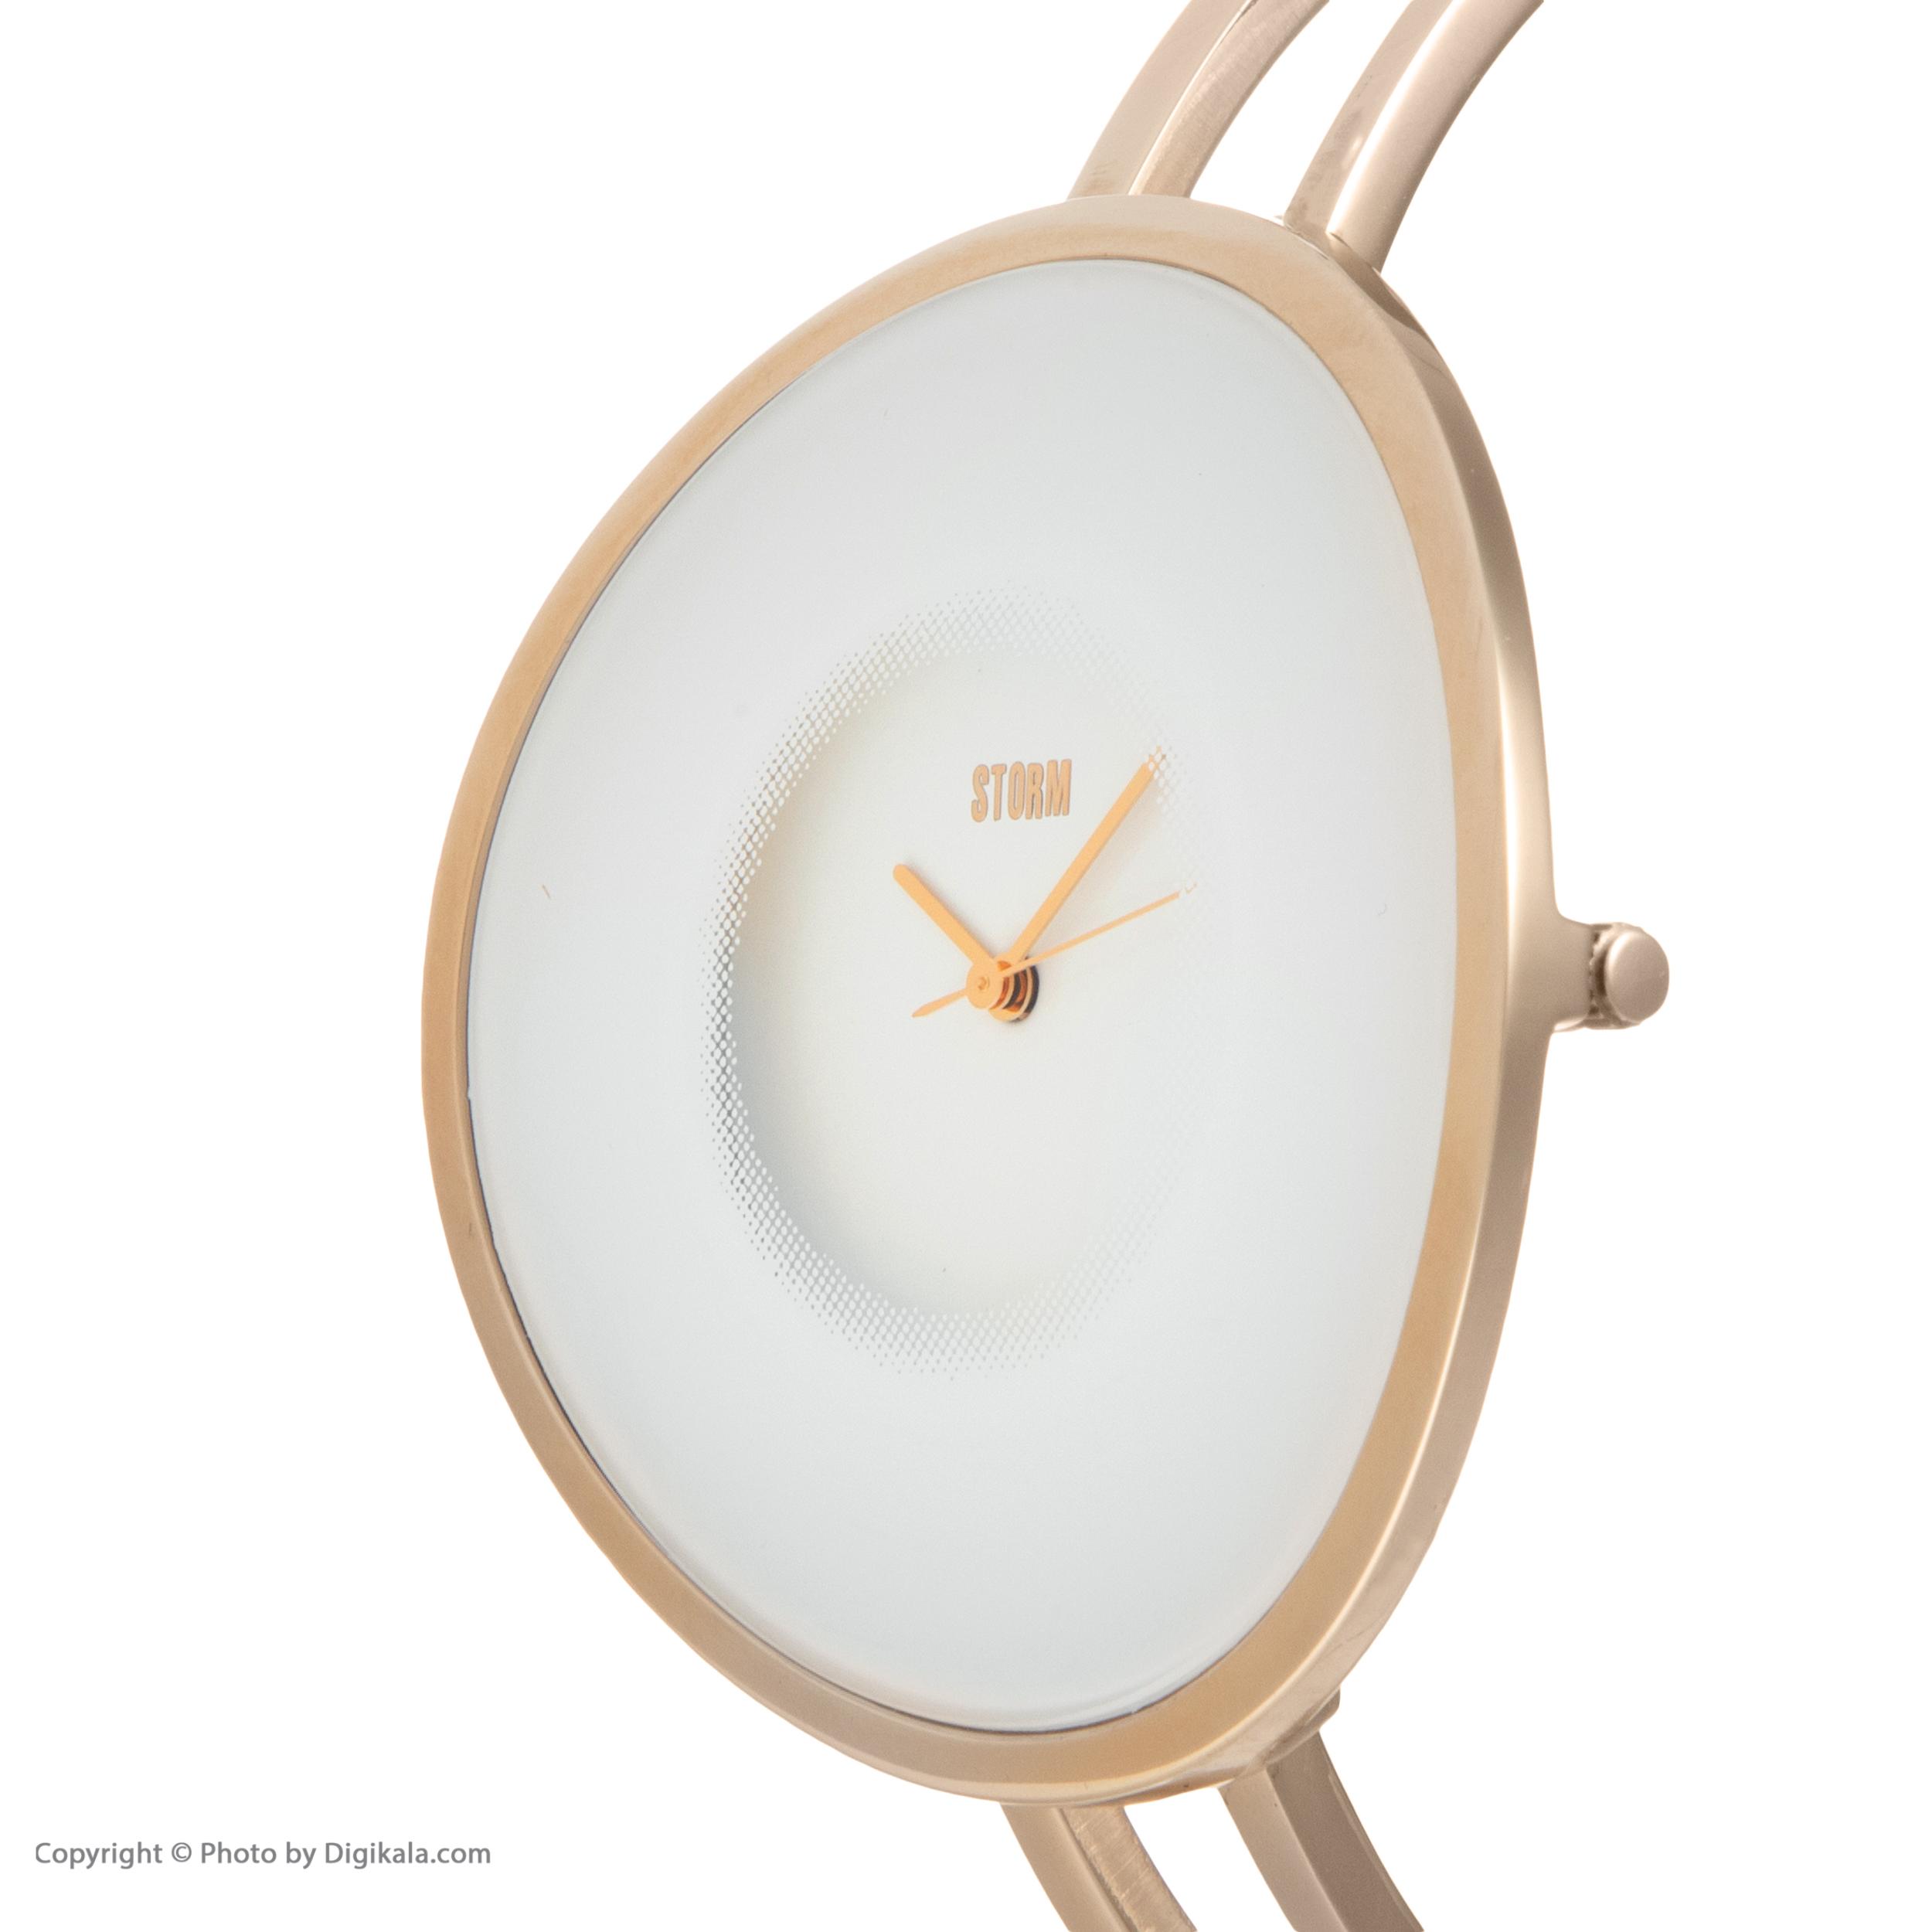 ساعت مچی عقربه ای زنانه استورم مدل ST 47345-RG              ارزان